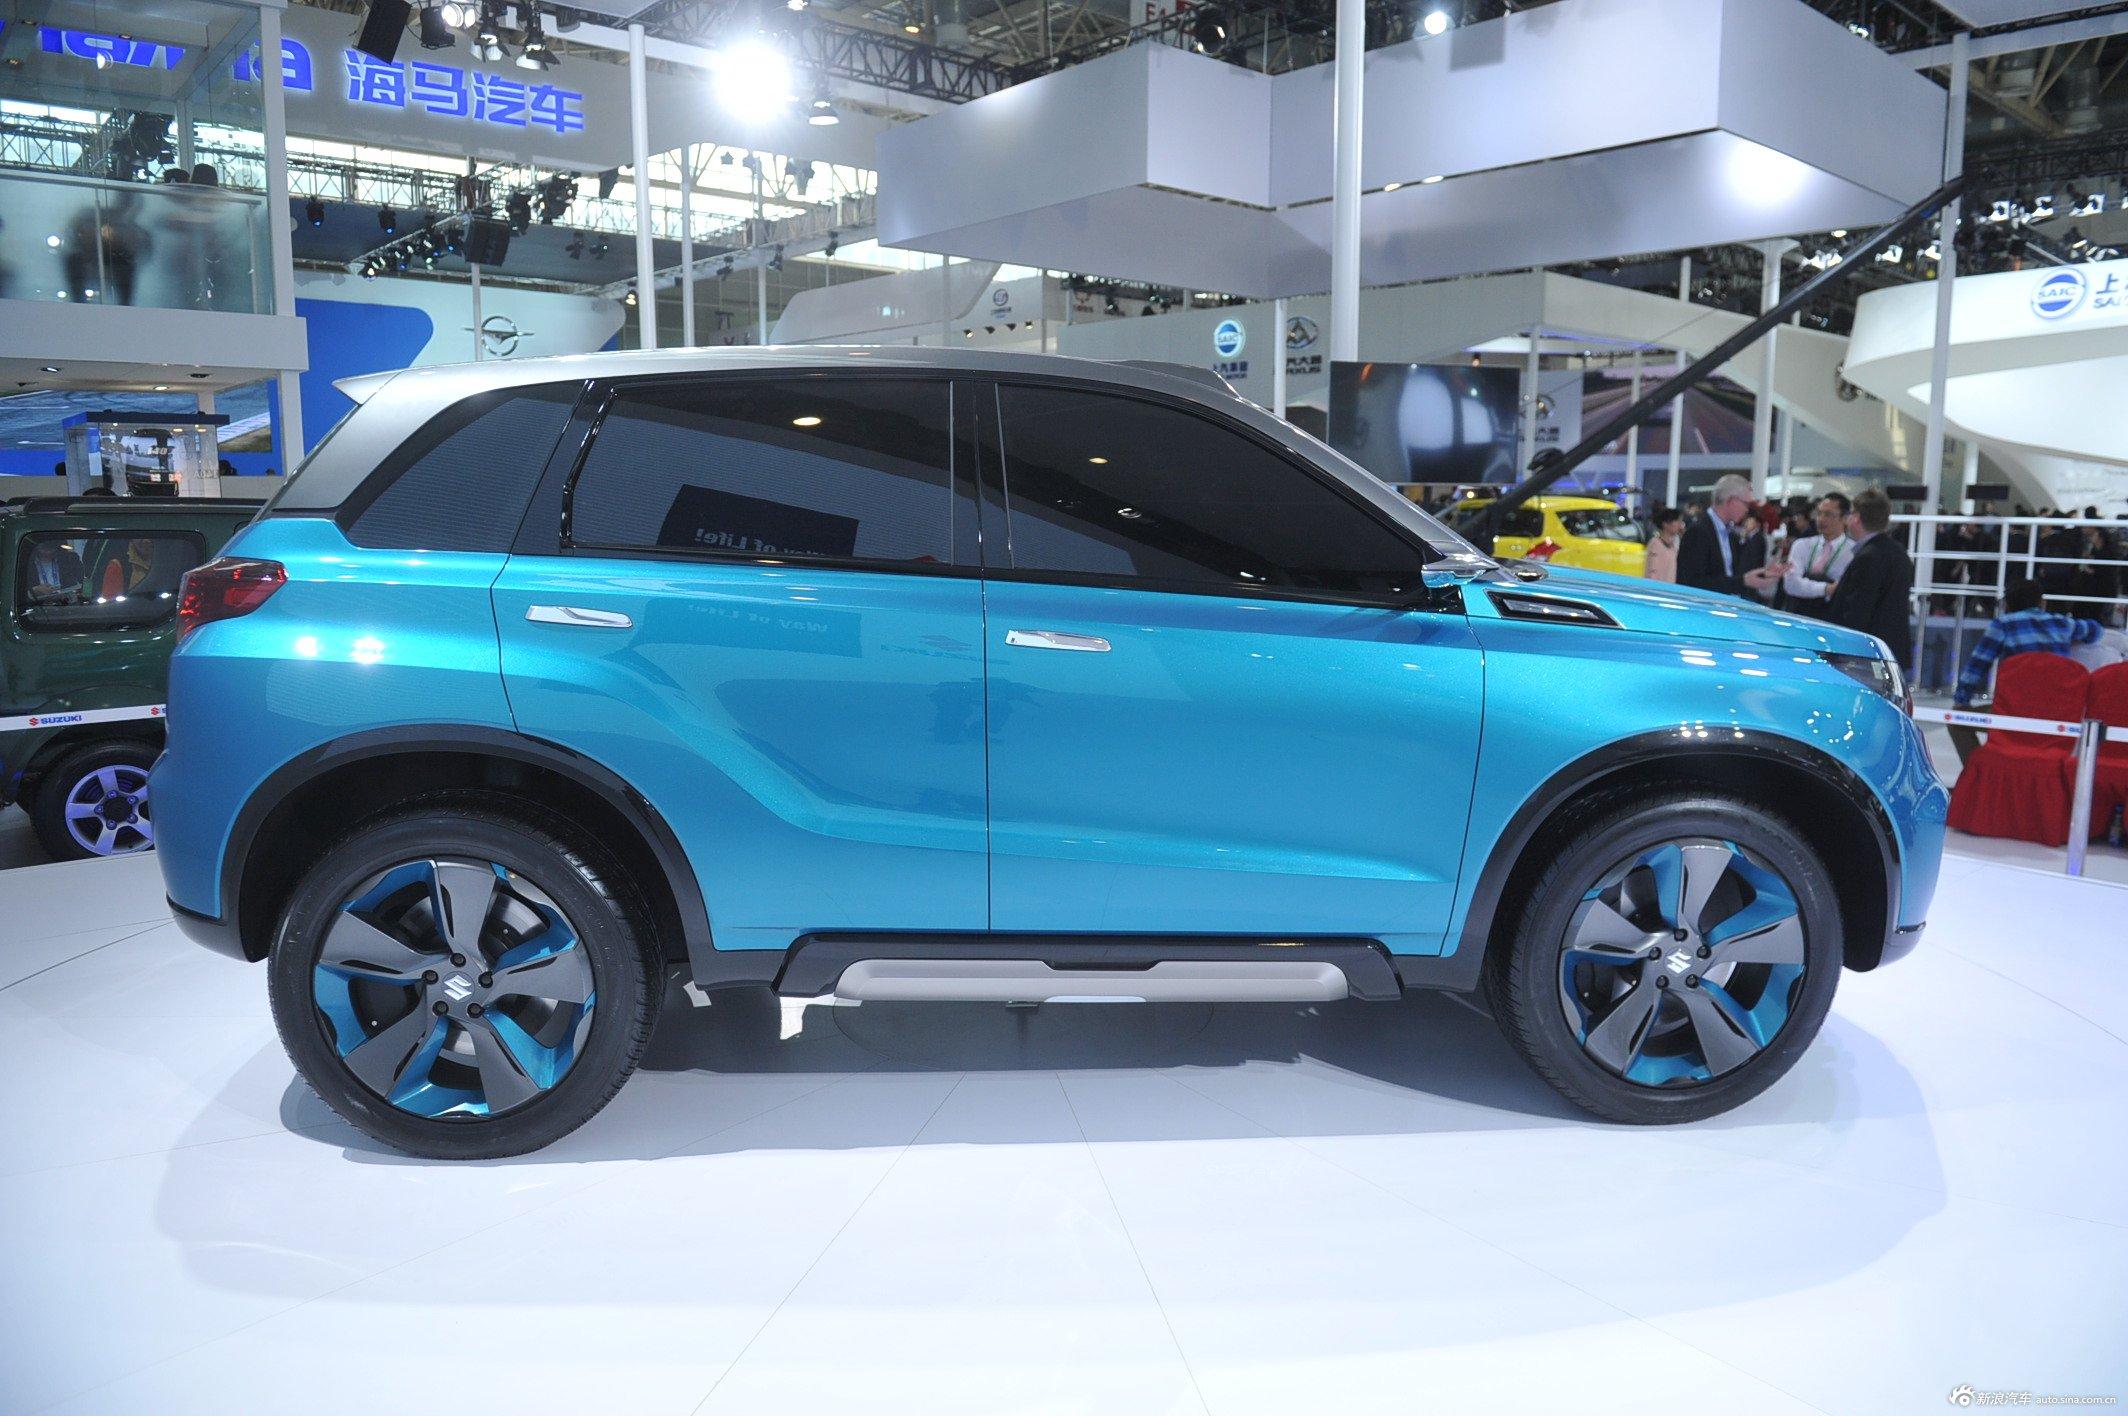 2014(第十三届)北京国际汽车展览会于4月21日至29日在中国国际展览中心新馆(天竺)正式向观众开放,本届车展全球跨国汽车公司悉数到场,室内展馆17个加上室外展场总面积达23万平方米。图为:2014款铃木iv-4